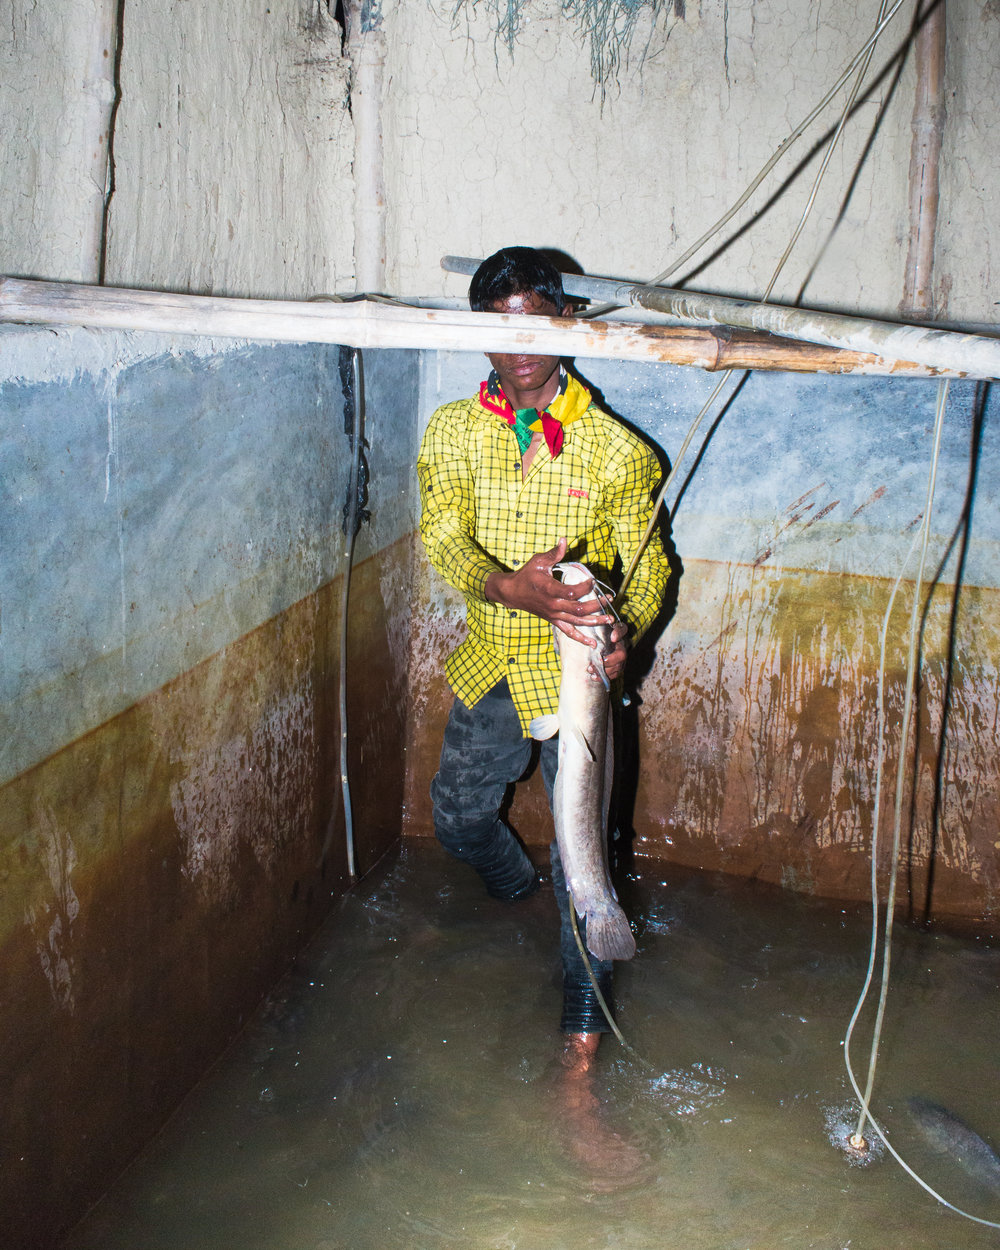 Sagar Chhetri,  Eclipse,  Birgunj, Parsa, Nepal, 2016. Bambaiya wanted me to buy his fish.